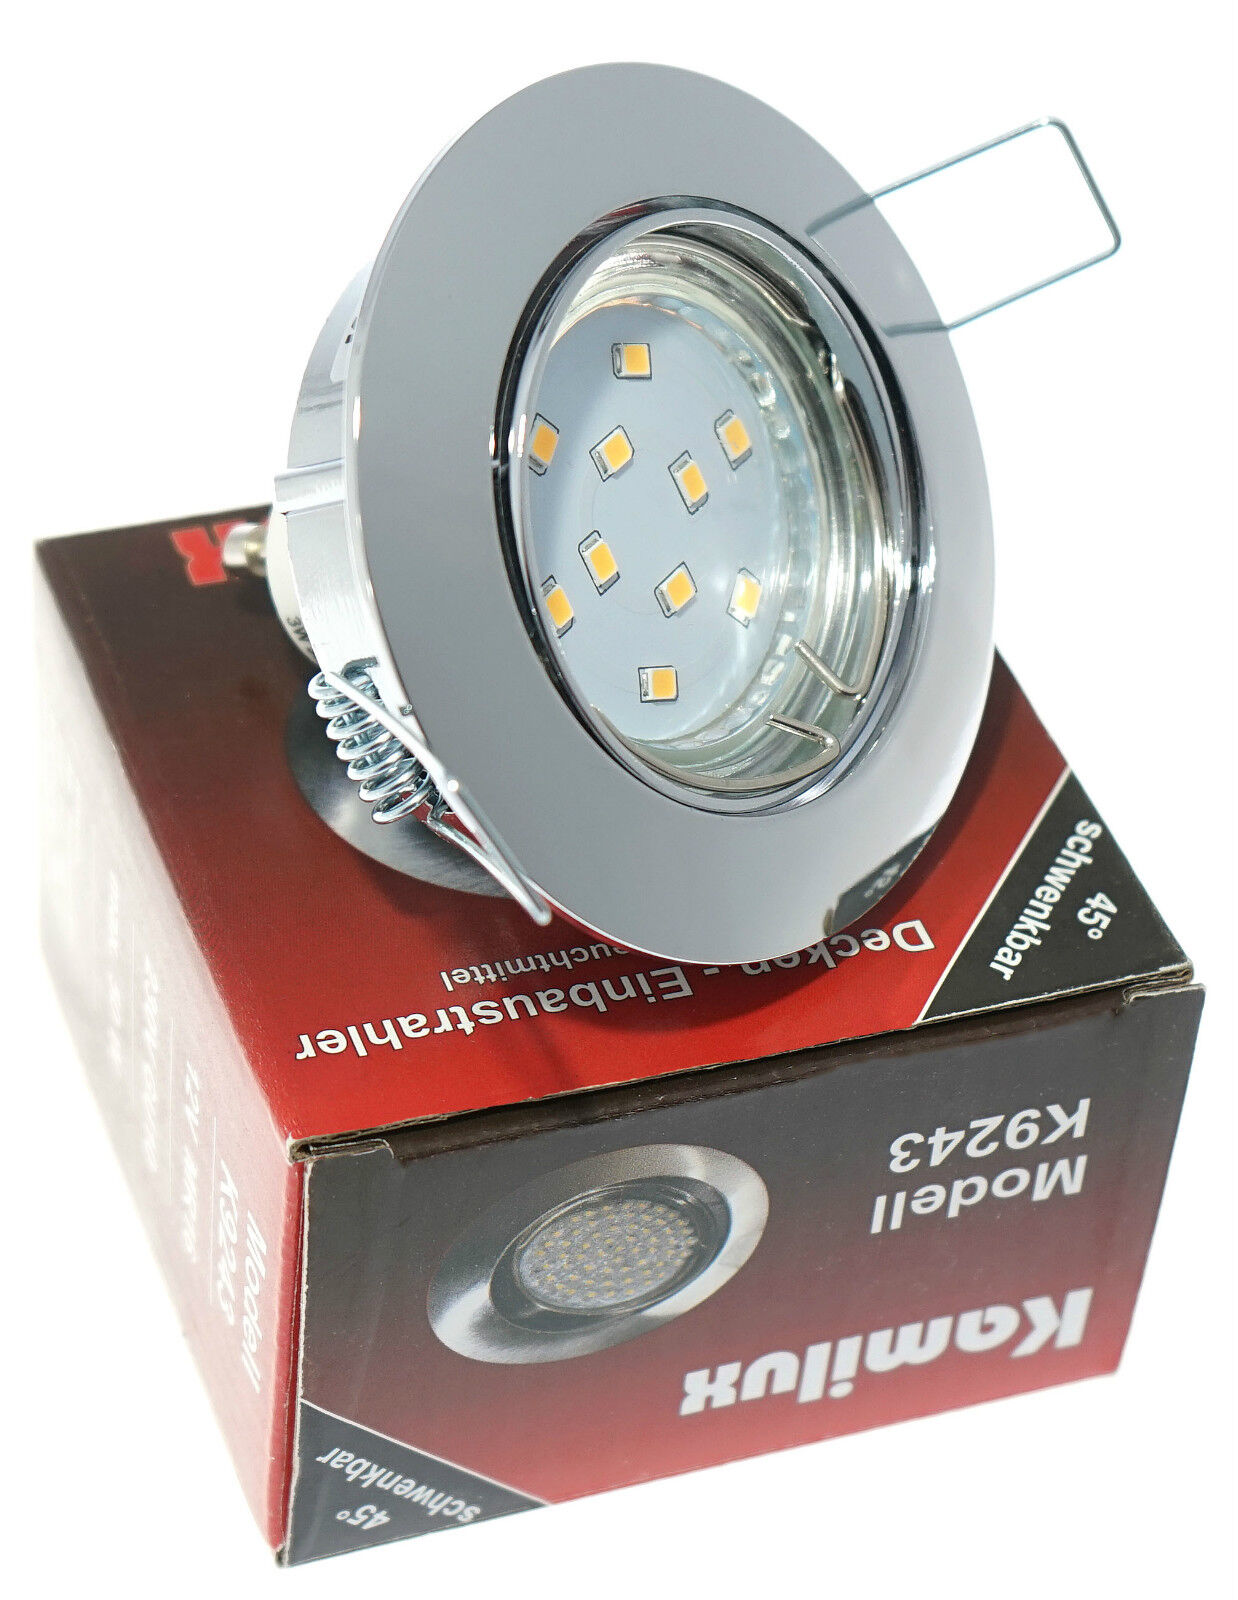 Flureinbaustrahler SMD LED Lisa Chrom Gläntzend 3W  25W schwenkbar 230V | Sonderangebot  | Qualität und Quantität garantiert  | Gewinnen Sie hoch geschätzt